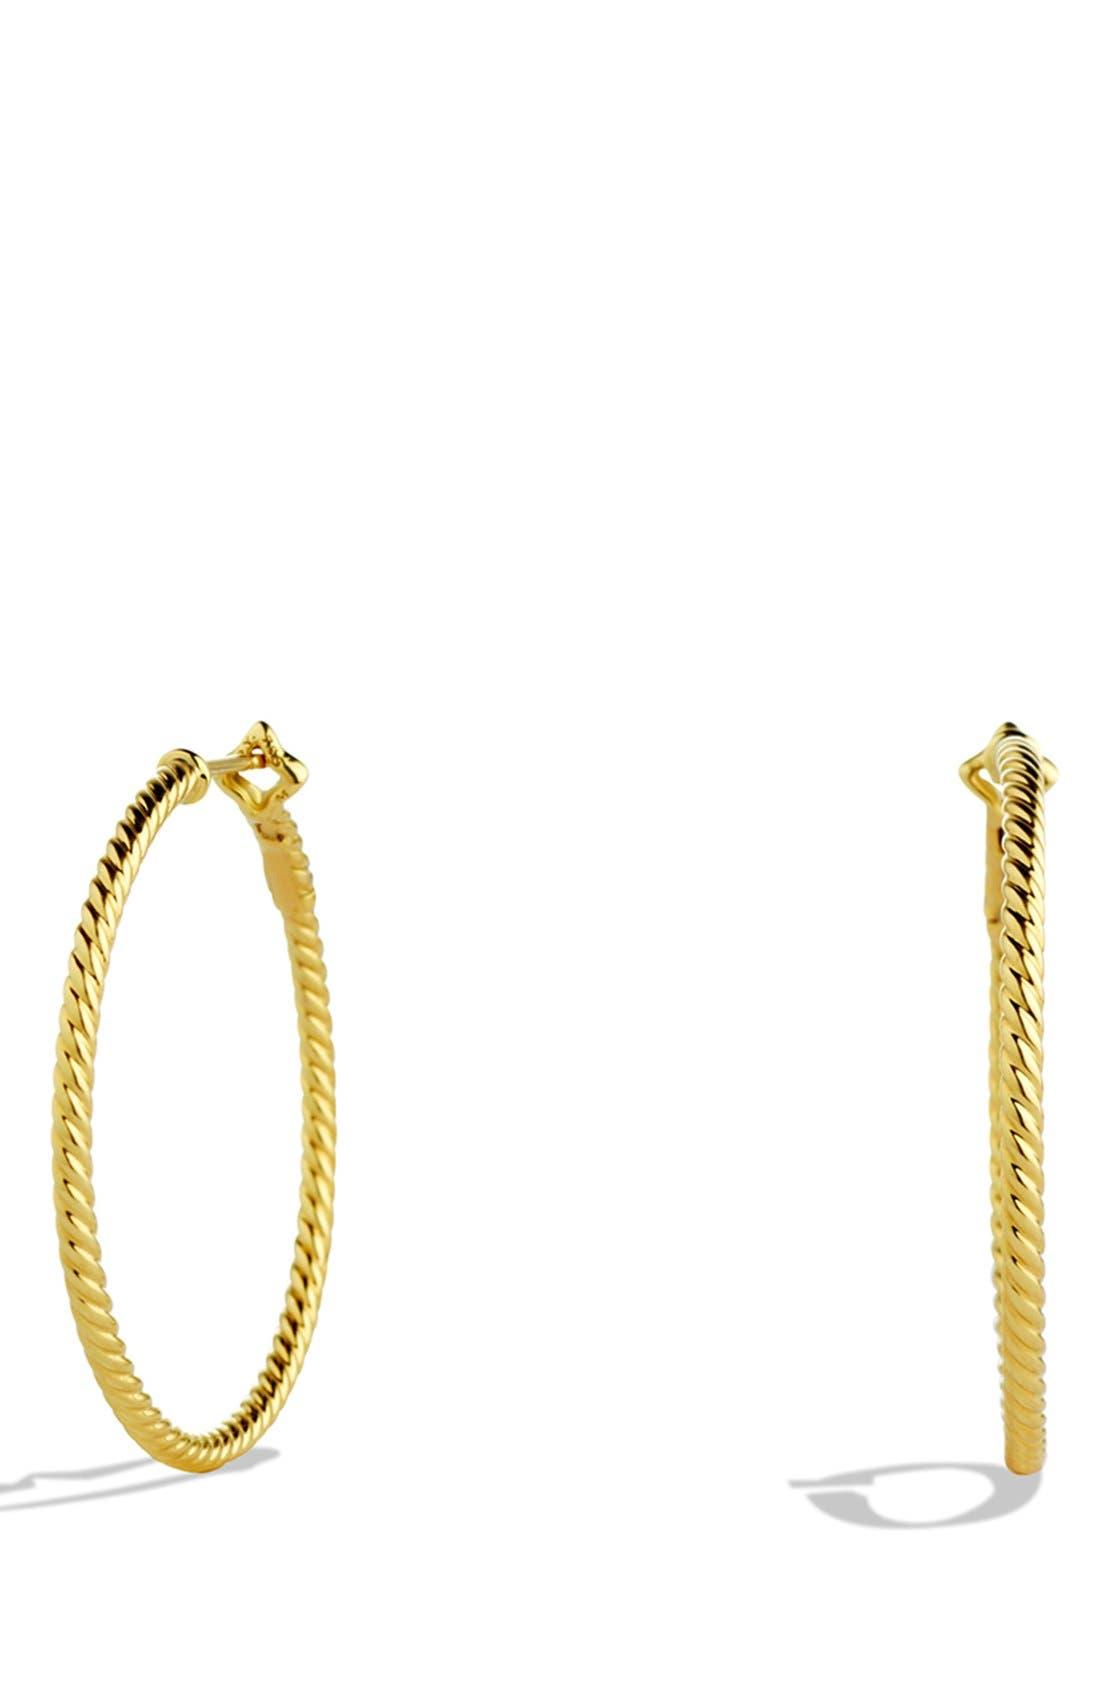 DAVID YURMAN,                             Cable Classics Hoop Earrings,                             Main thumbnail 1, color,                             GOLD